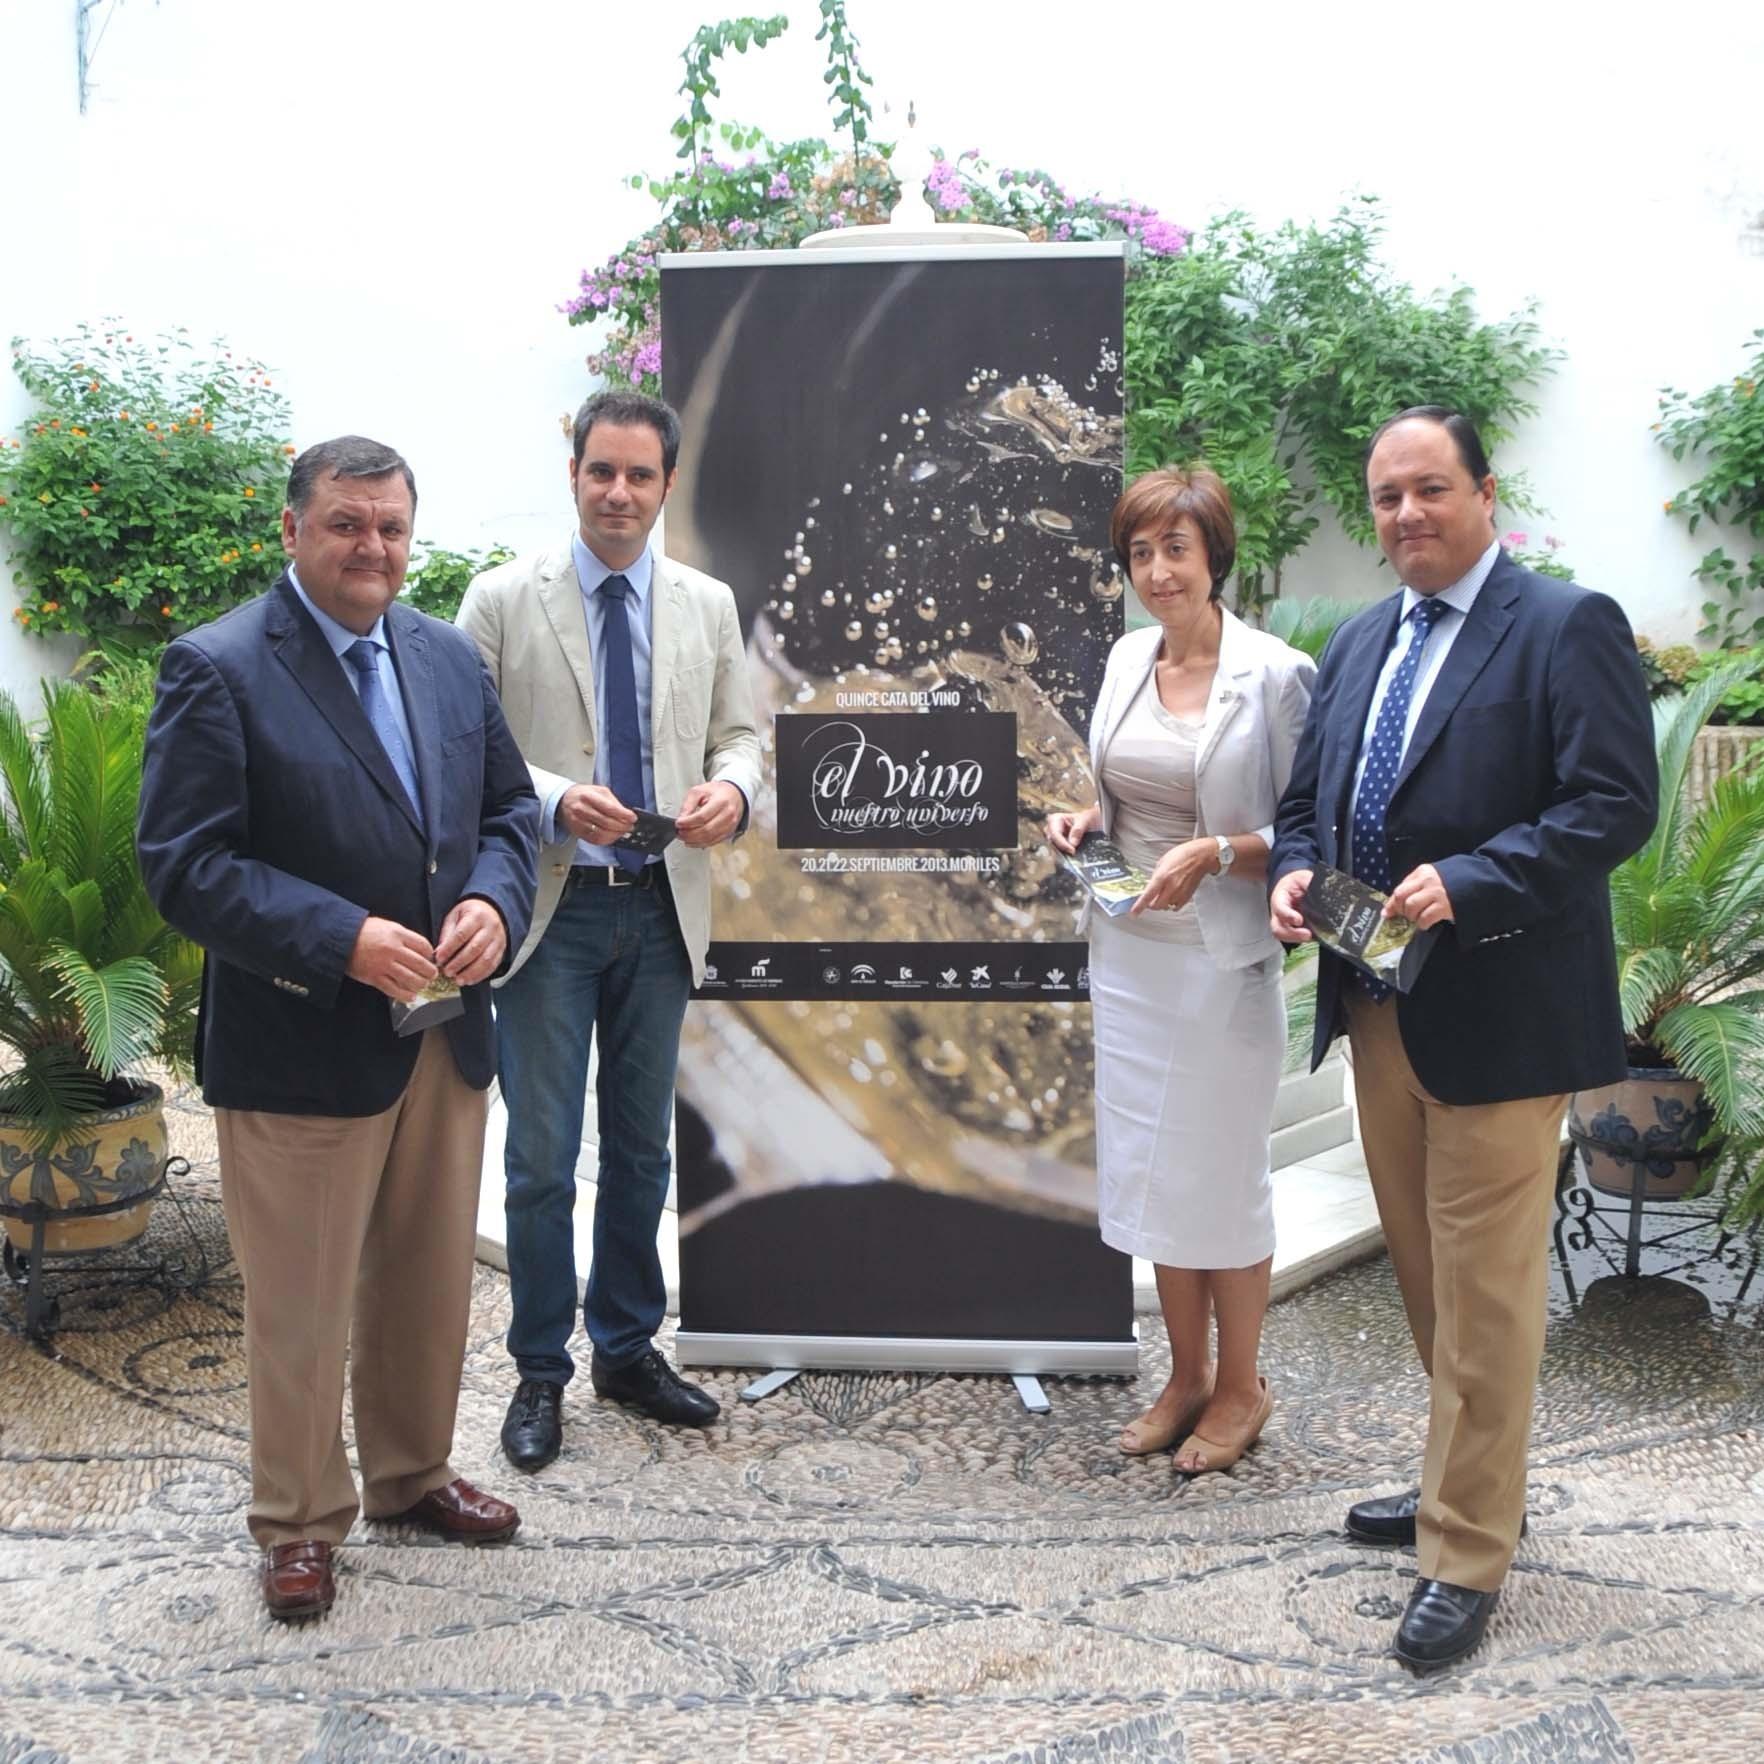 La Cata del Vino Moriles celebra su XV edición profundizando en la profesionalización del sector